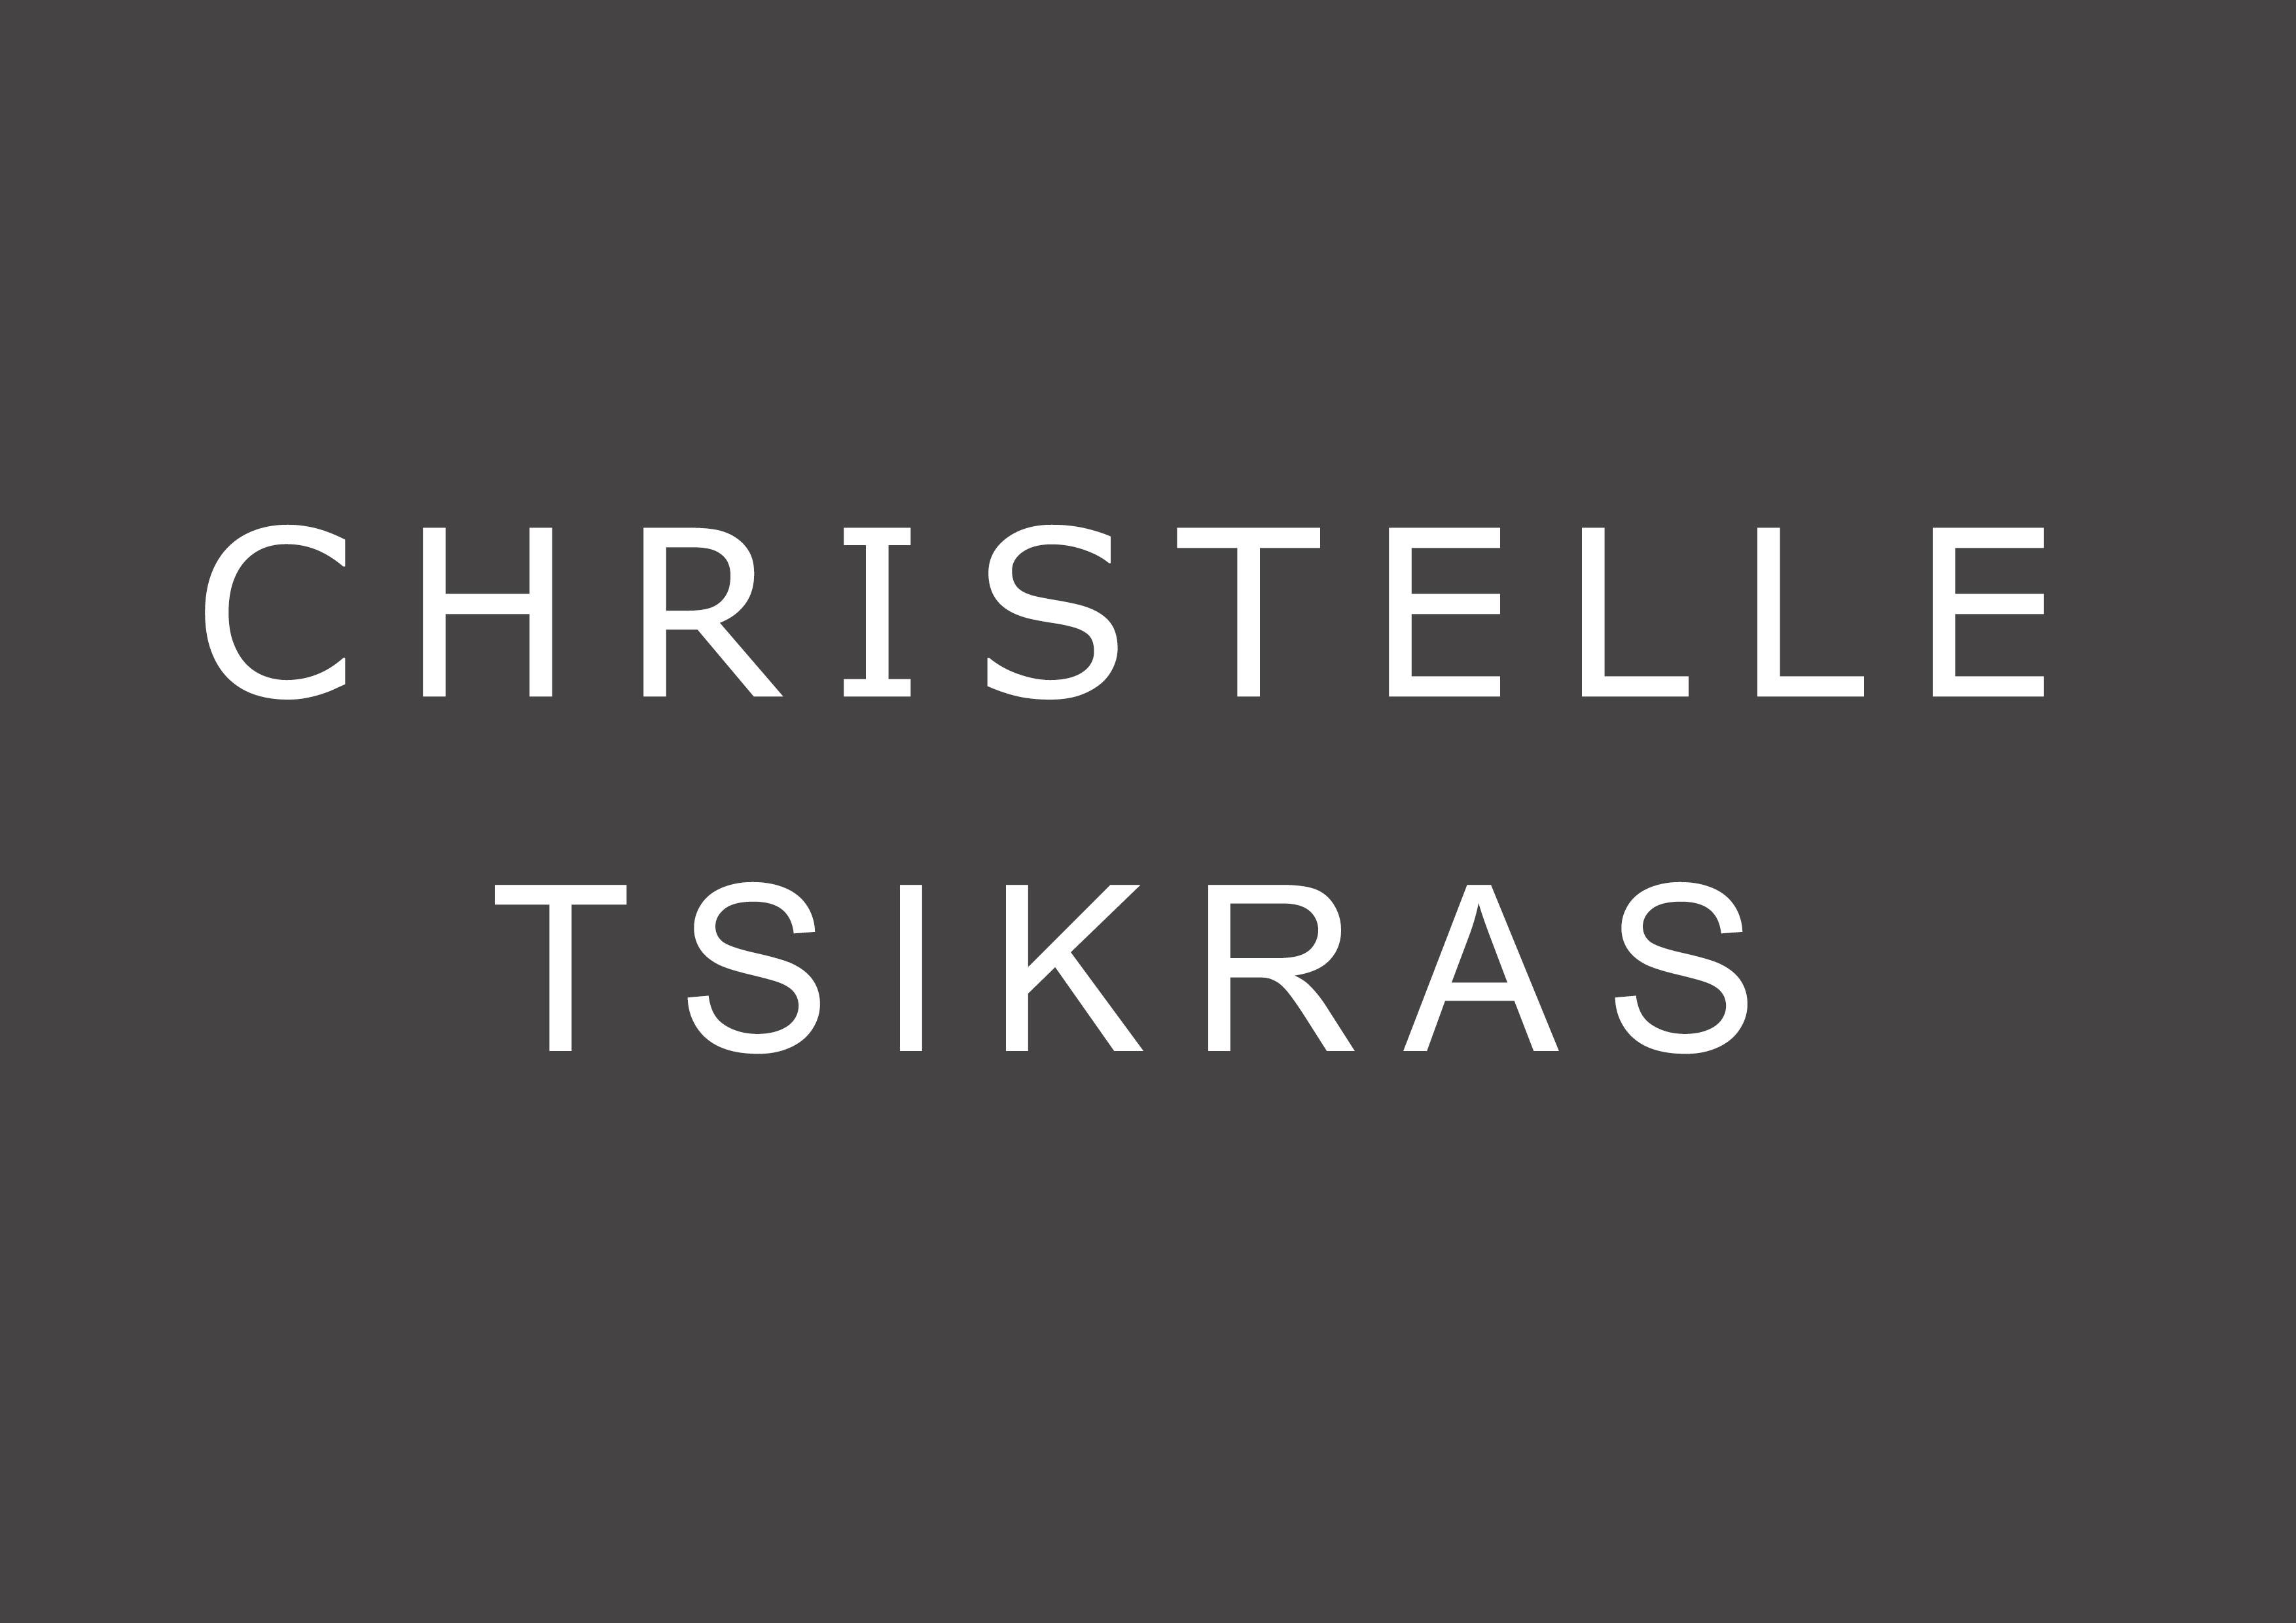 CHRISTELLE TSIKRAS